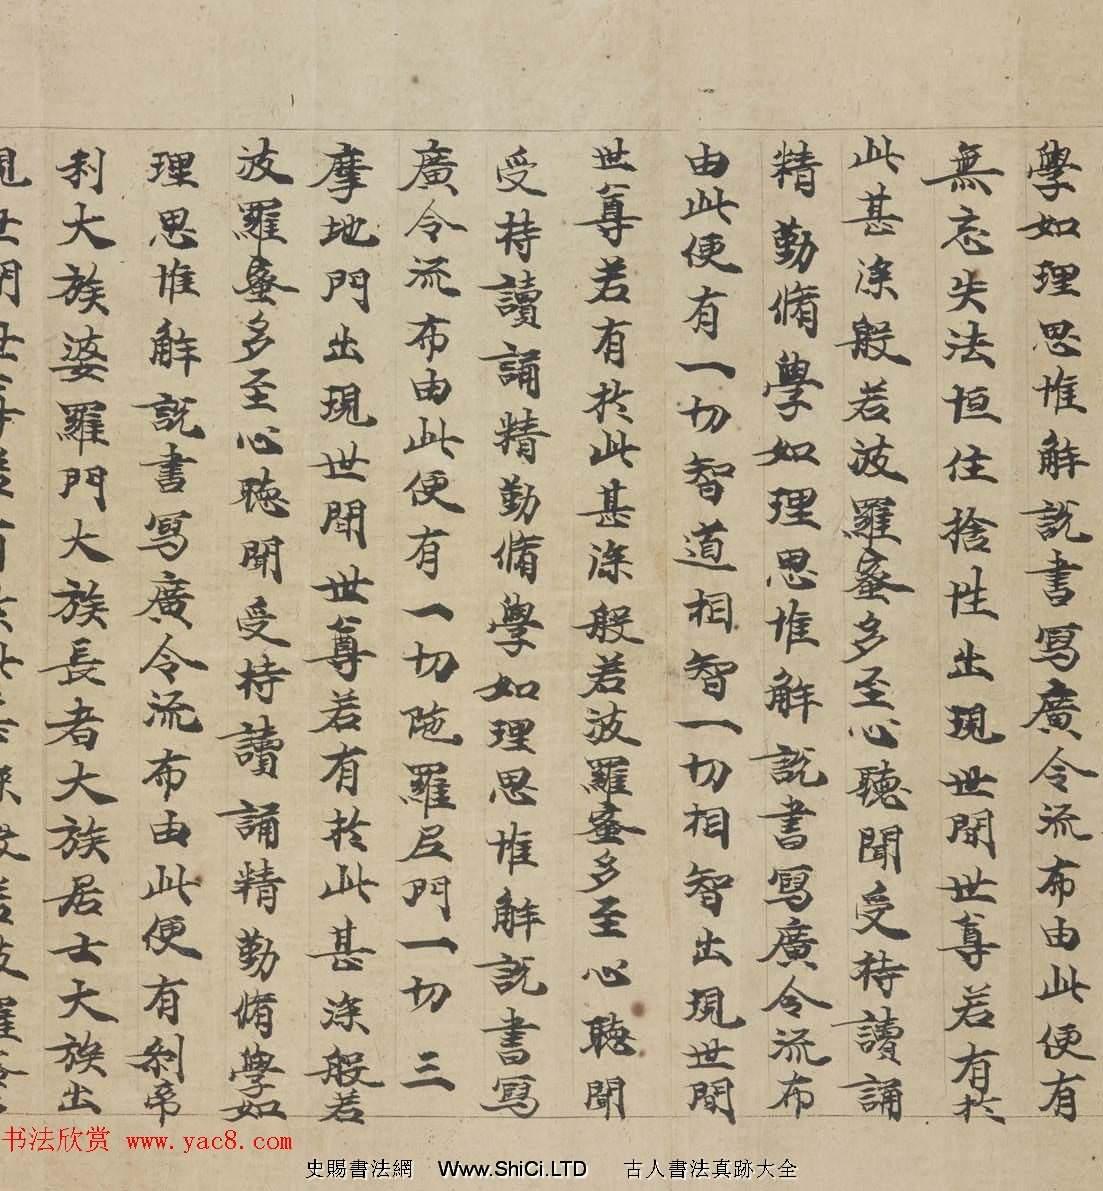 敦煌書法墨跡《大般若波羅蜜多經卷第一百二十六》